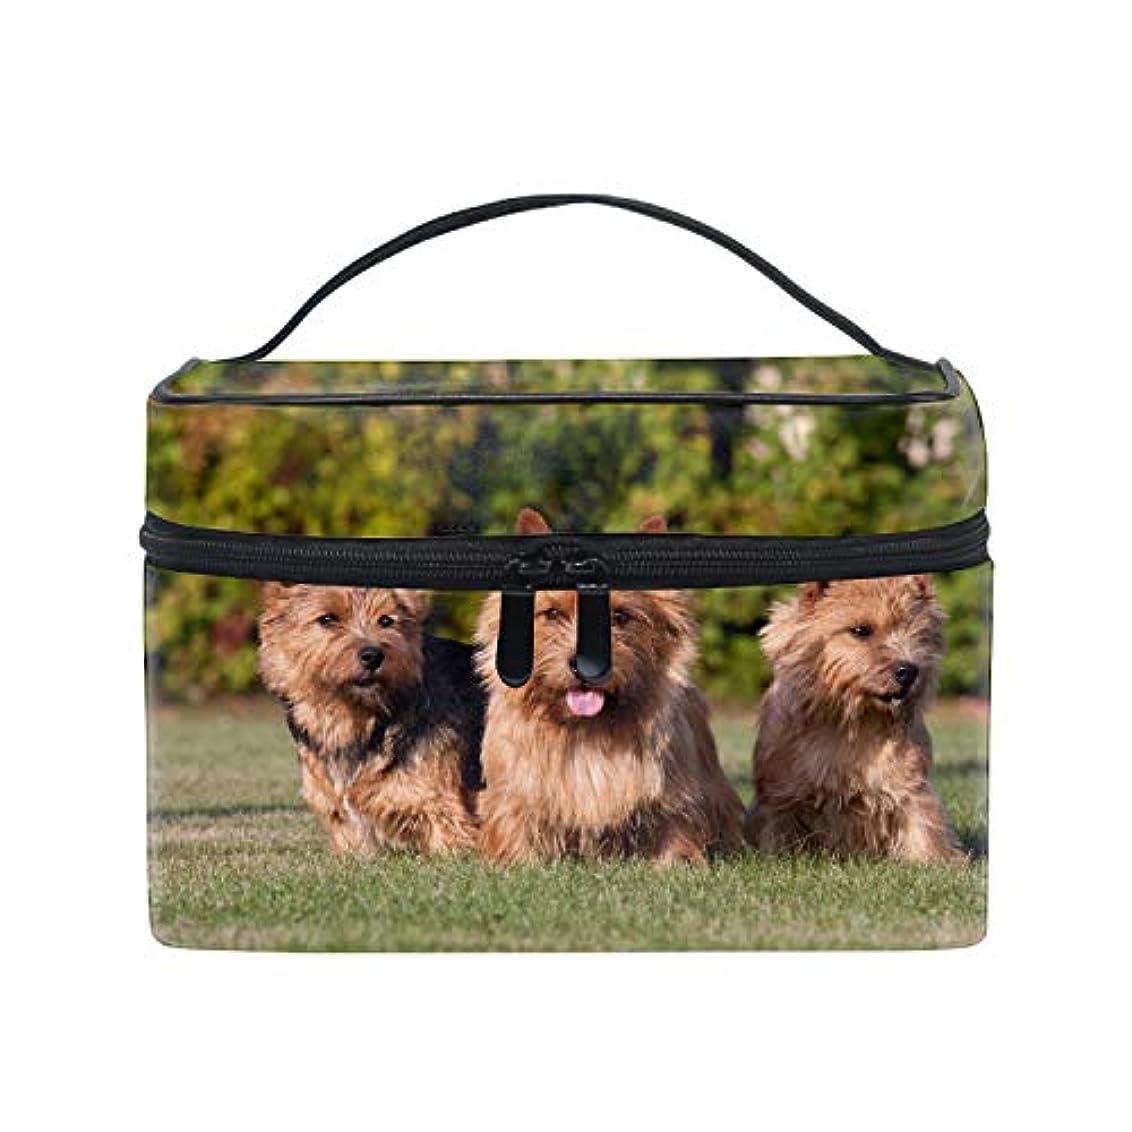 知る精査加速する可愛いユニークポーチ 小物入れケアンテリア犬 軽量 防水 旅行も便利 撥水する防水ポーチ